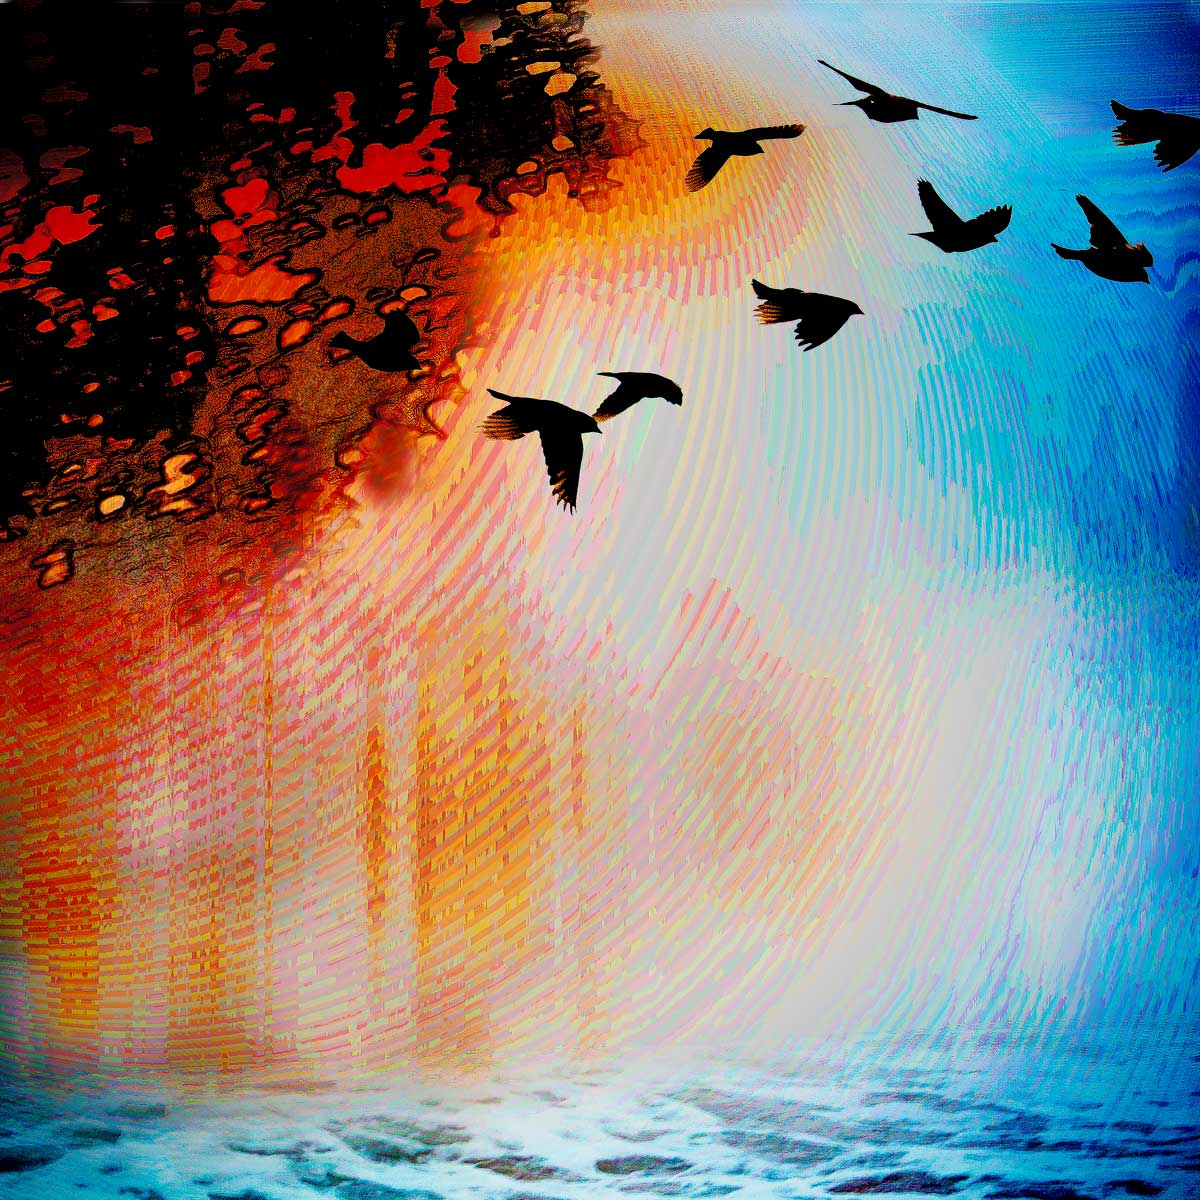 Earth, Wind, Water, Fire